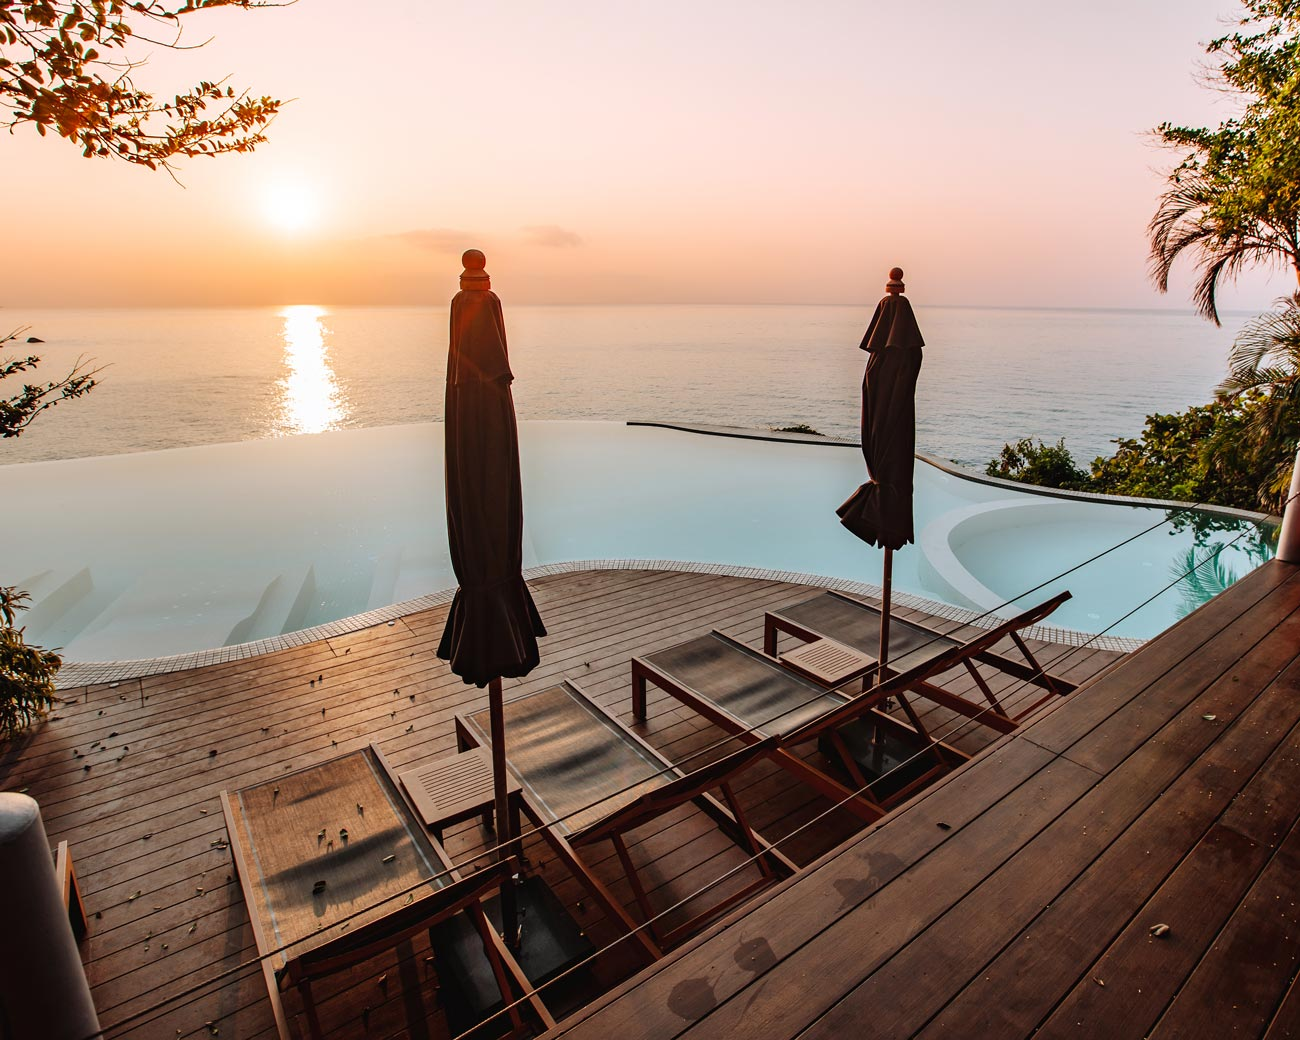 silavadee-resort-koh-samui-thailand-pool